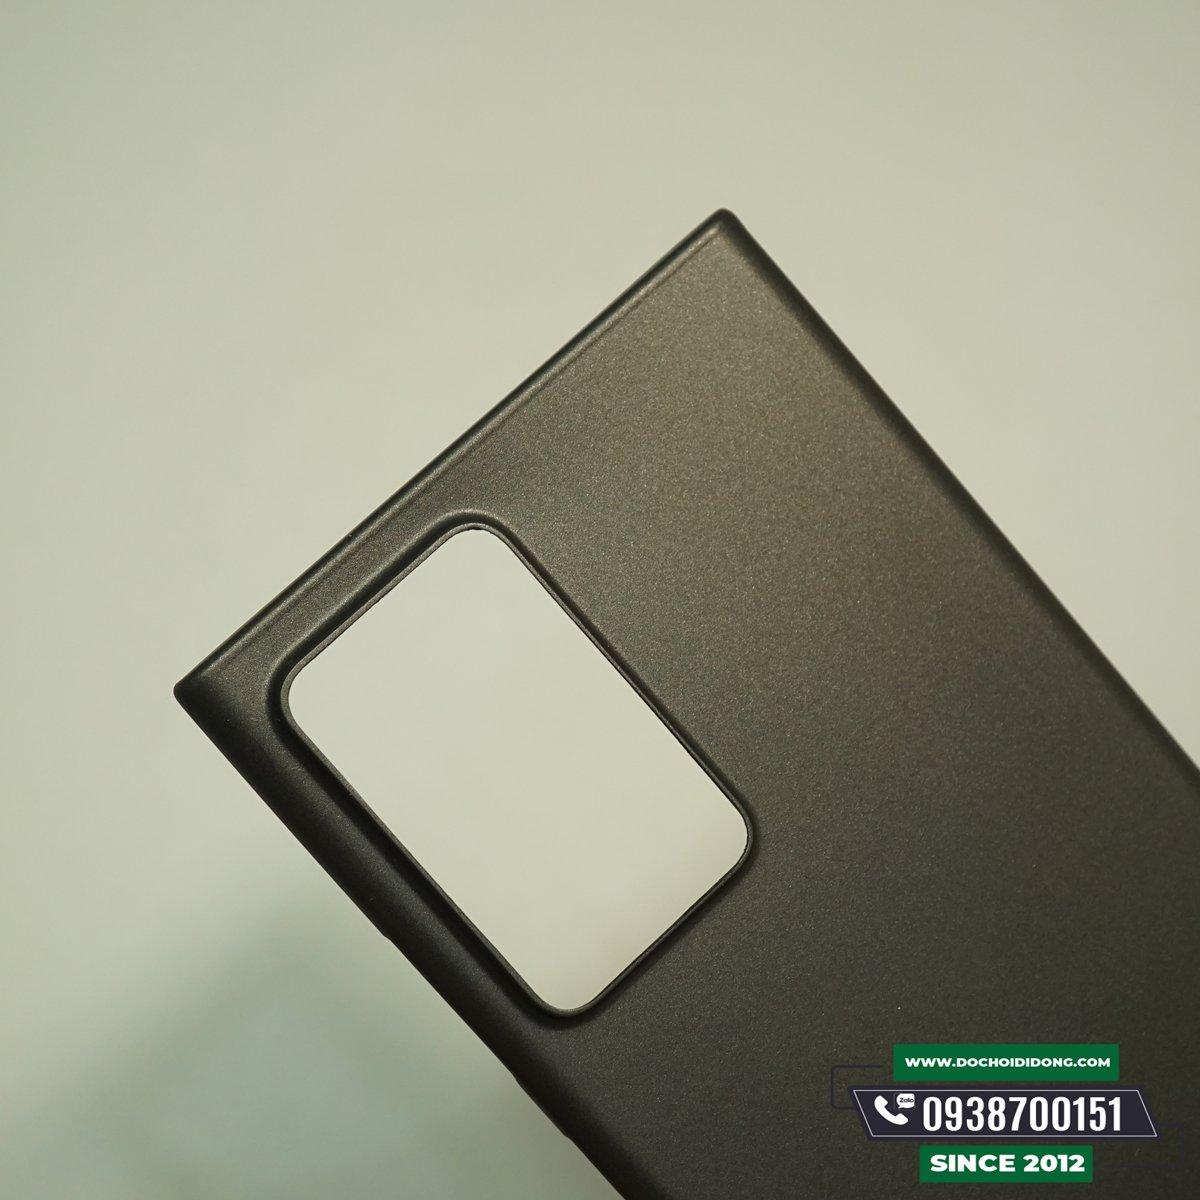 op-lung-samsung-note-20-ultra-5g-memumi-sieu-mong-0-3mm